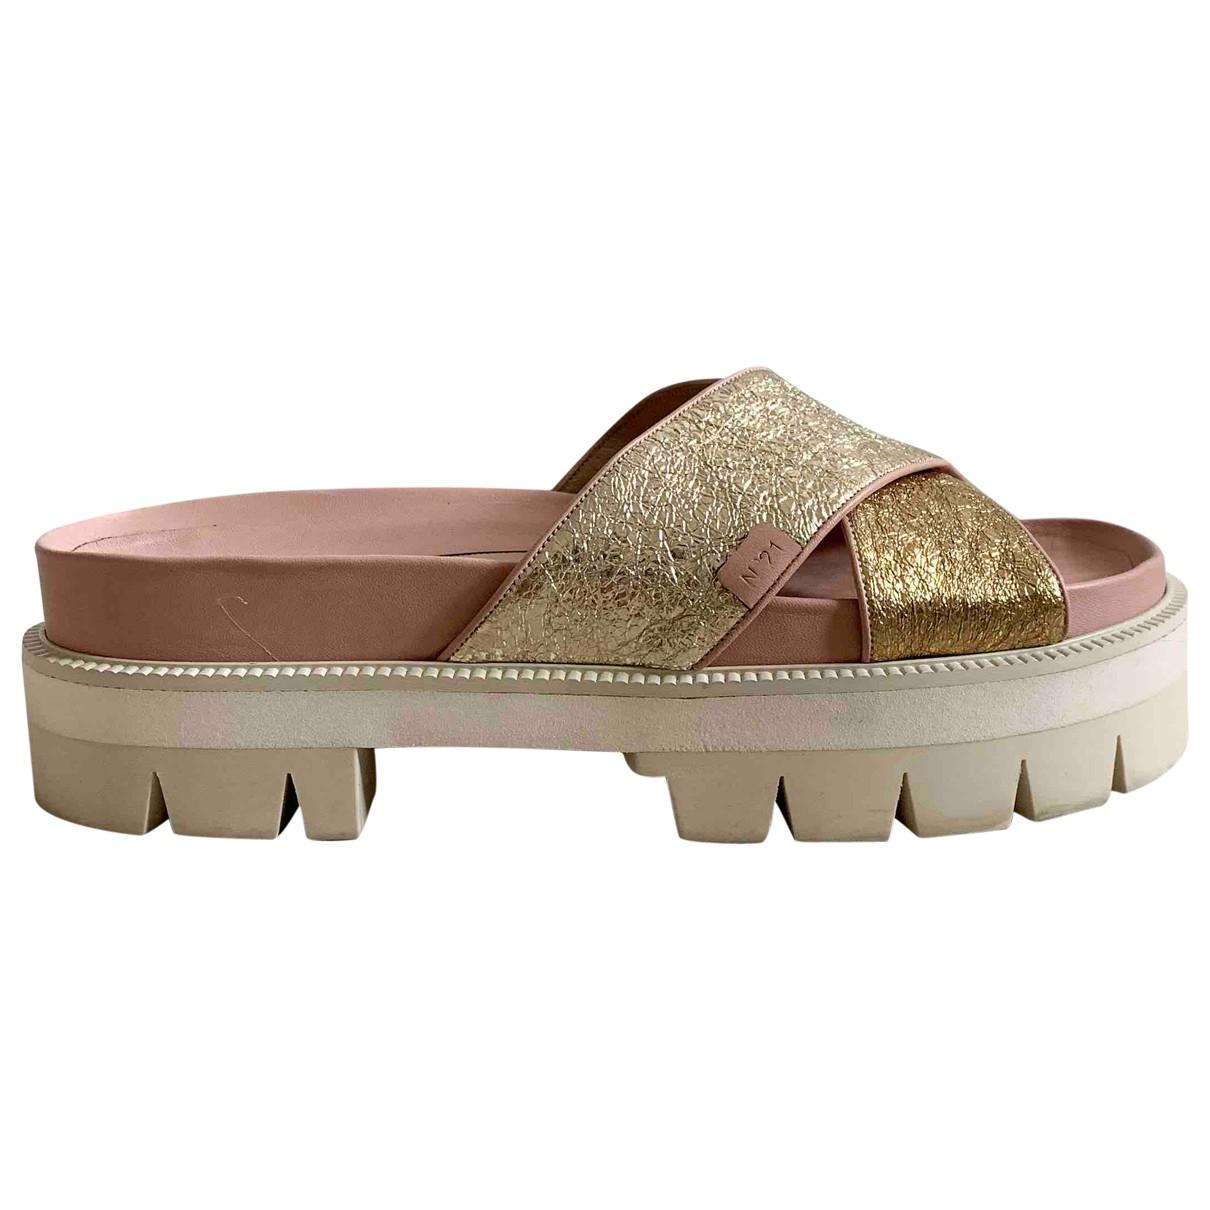 N°21 - Sandales   pour femme en cuir - multicolore